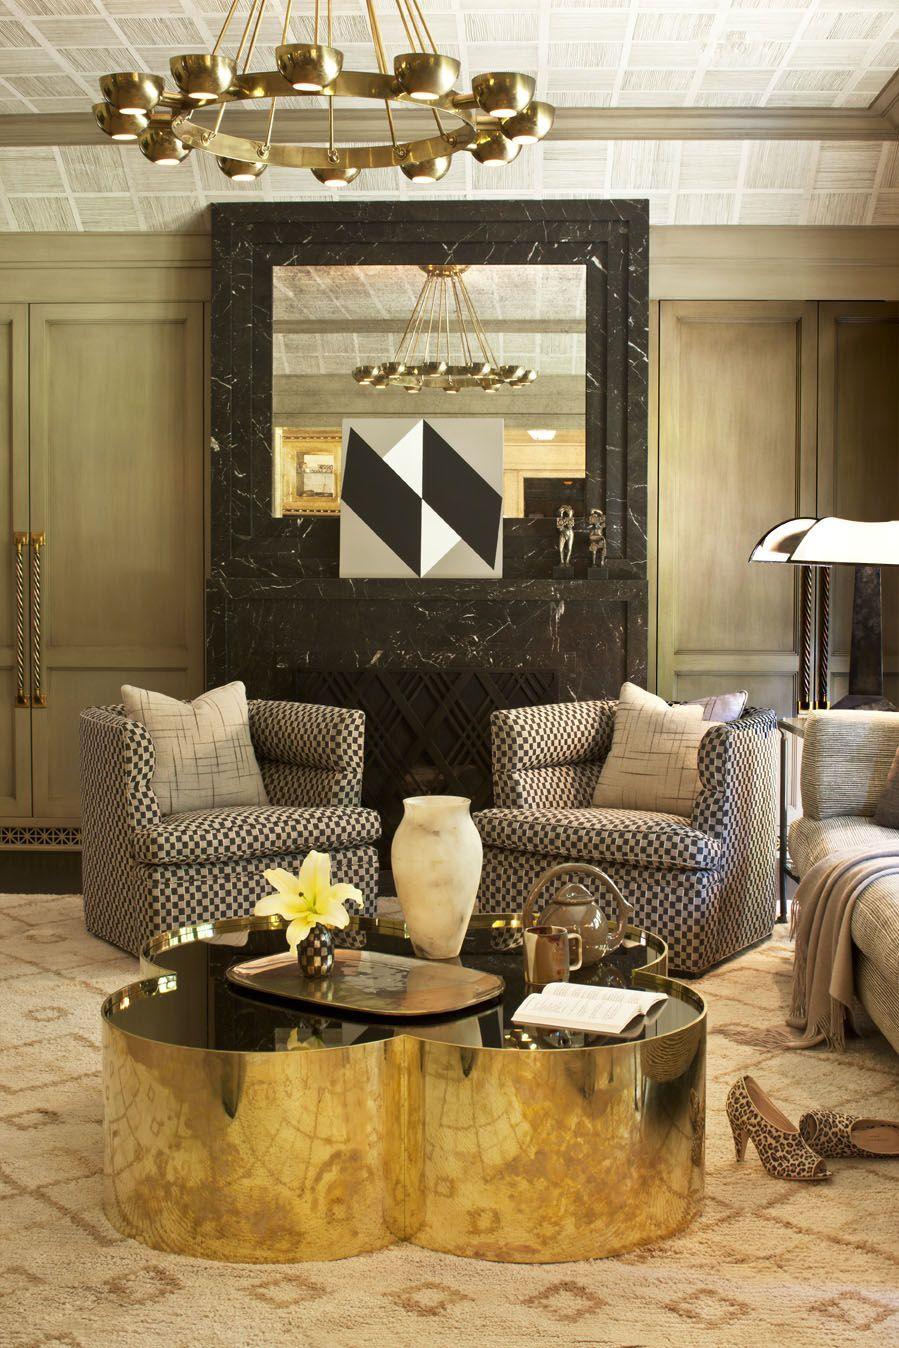 kelly wearstler interiors evergreen residence family room rh pinterest com kelly wearstler interior design office